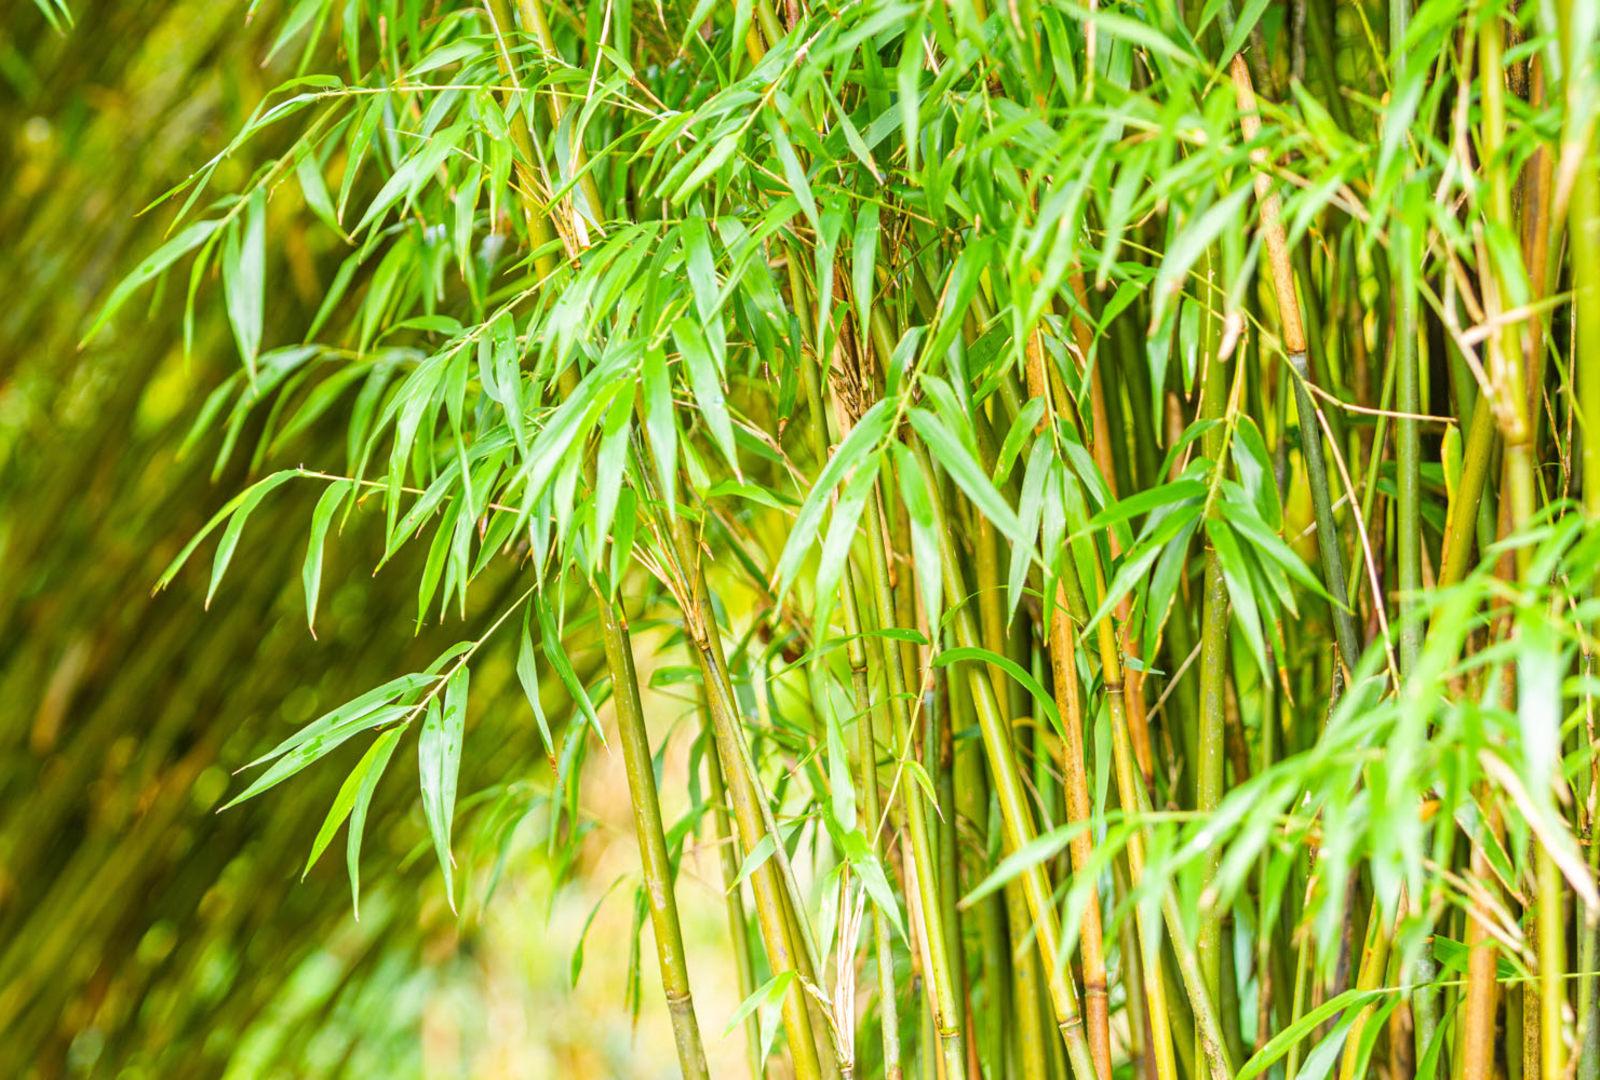 Yushania anceps